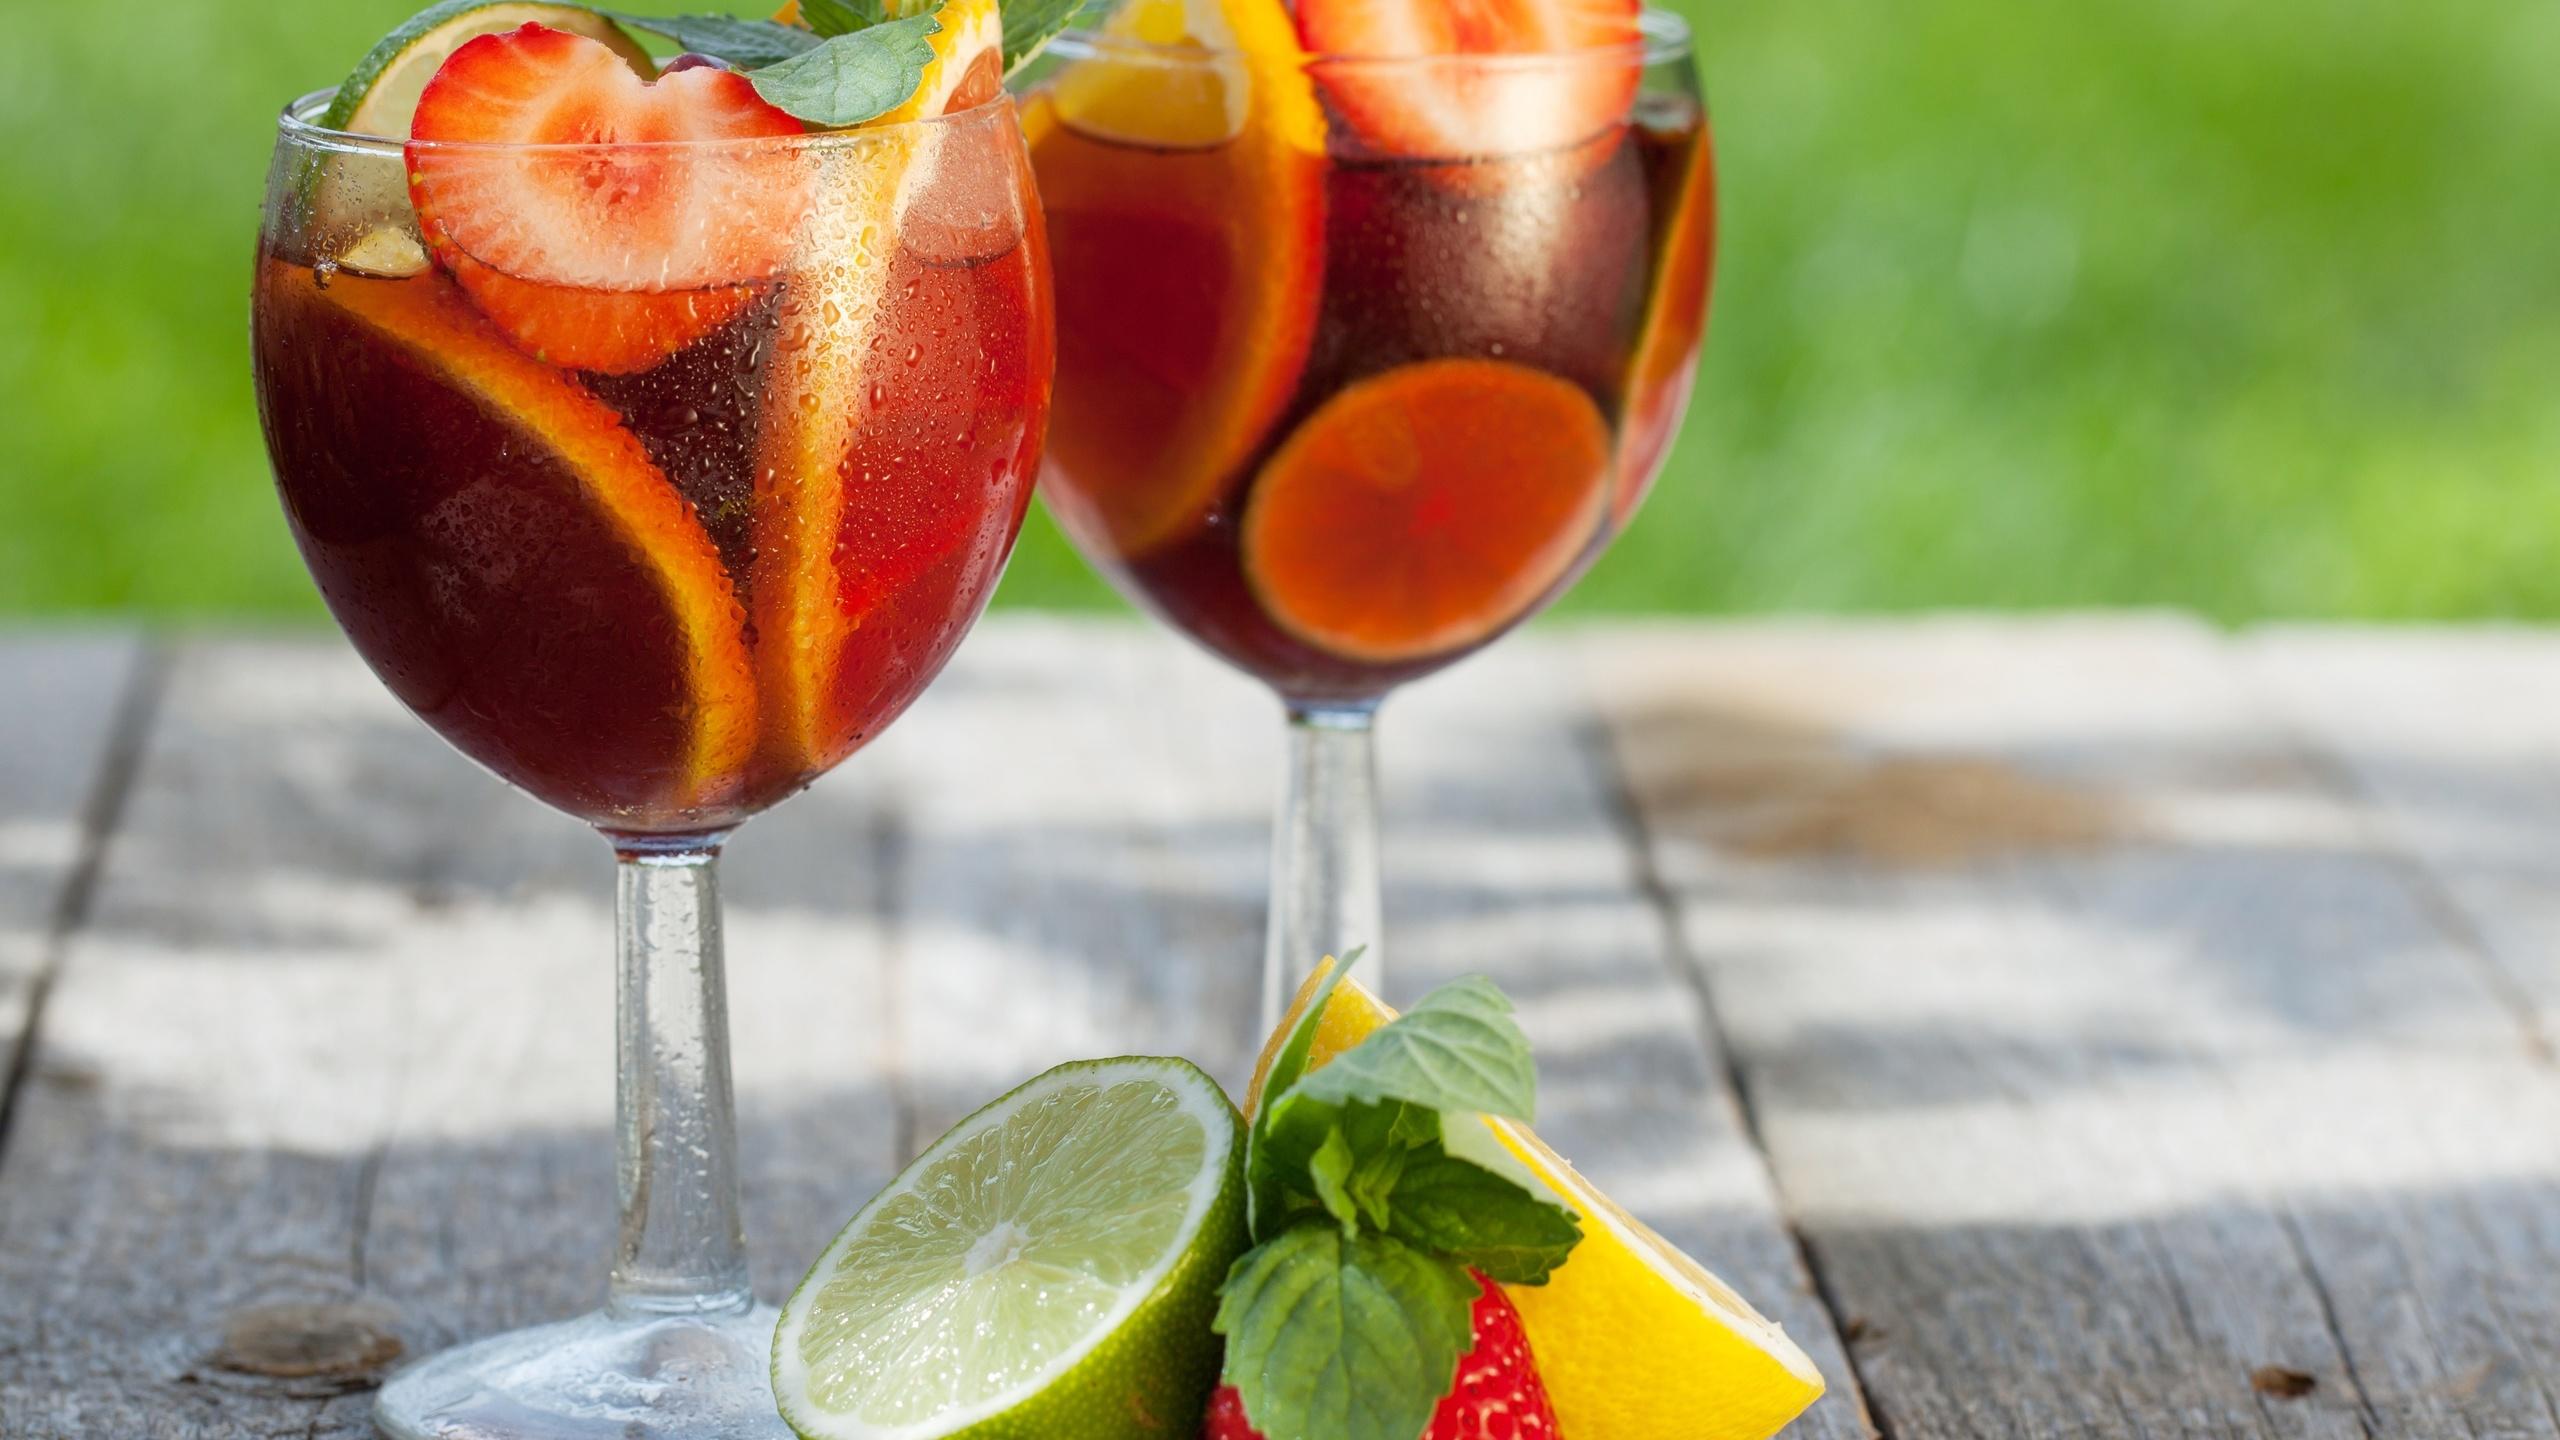 cocktail, коктейль, фрукты, макро фото, природа, тема, вкусно, полезно